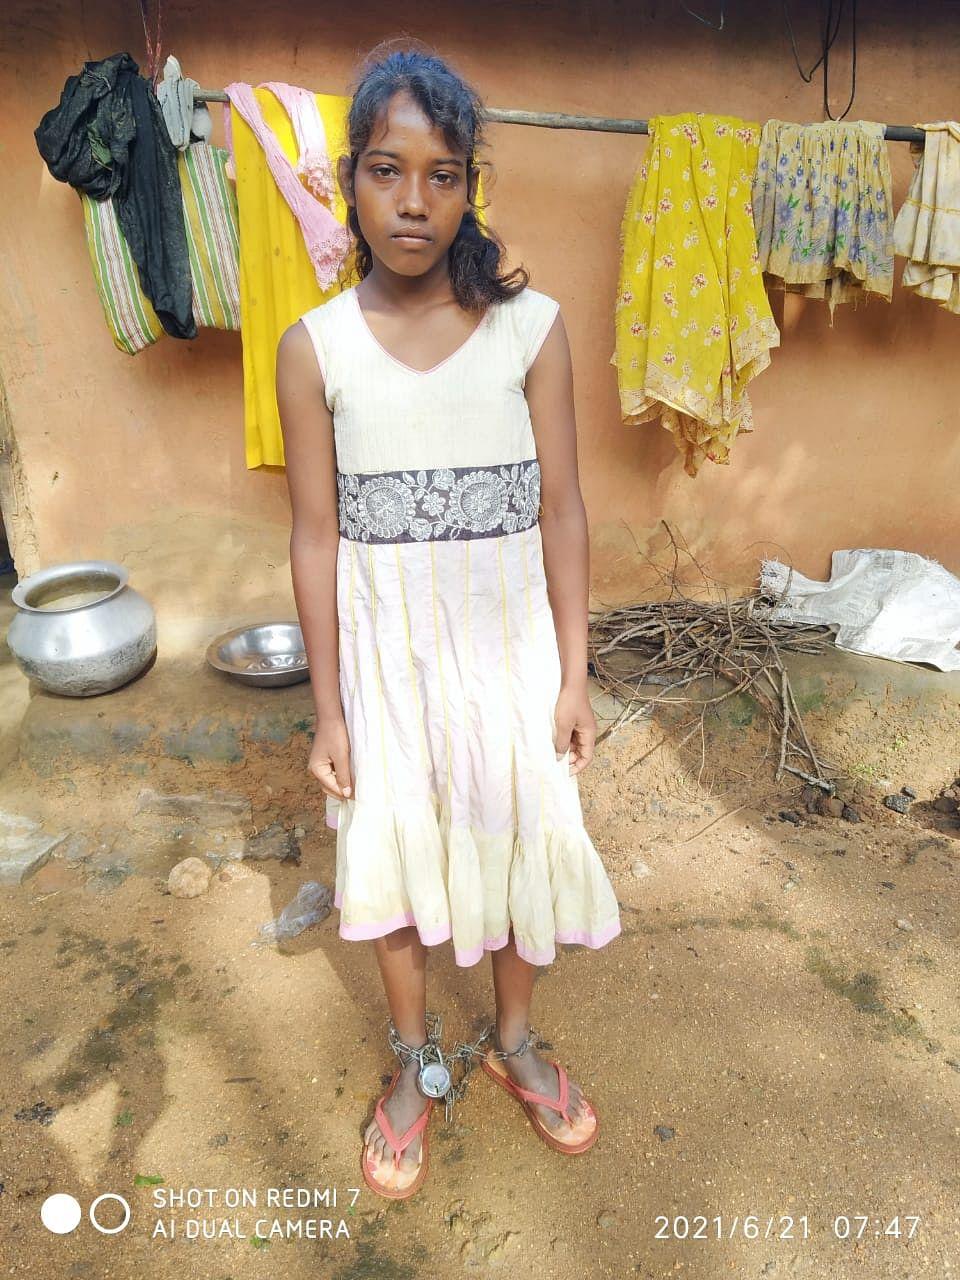 महीनों से जंजीरों में जकड़ी बच्ची को मिला सहारा, रिनपास में हुआ इलाज